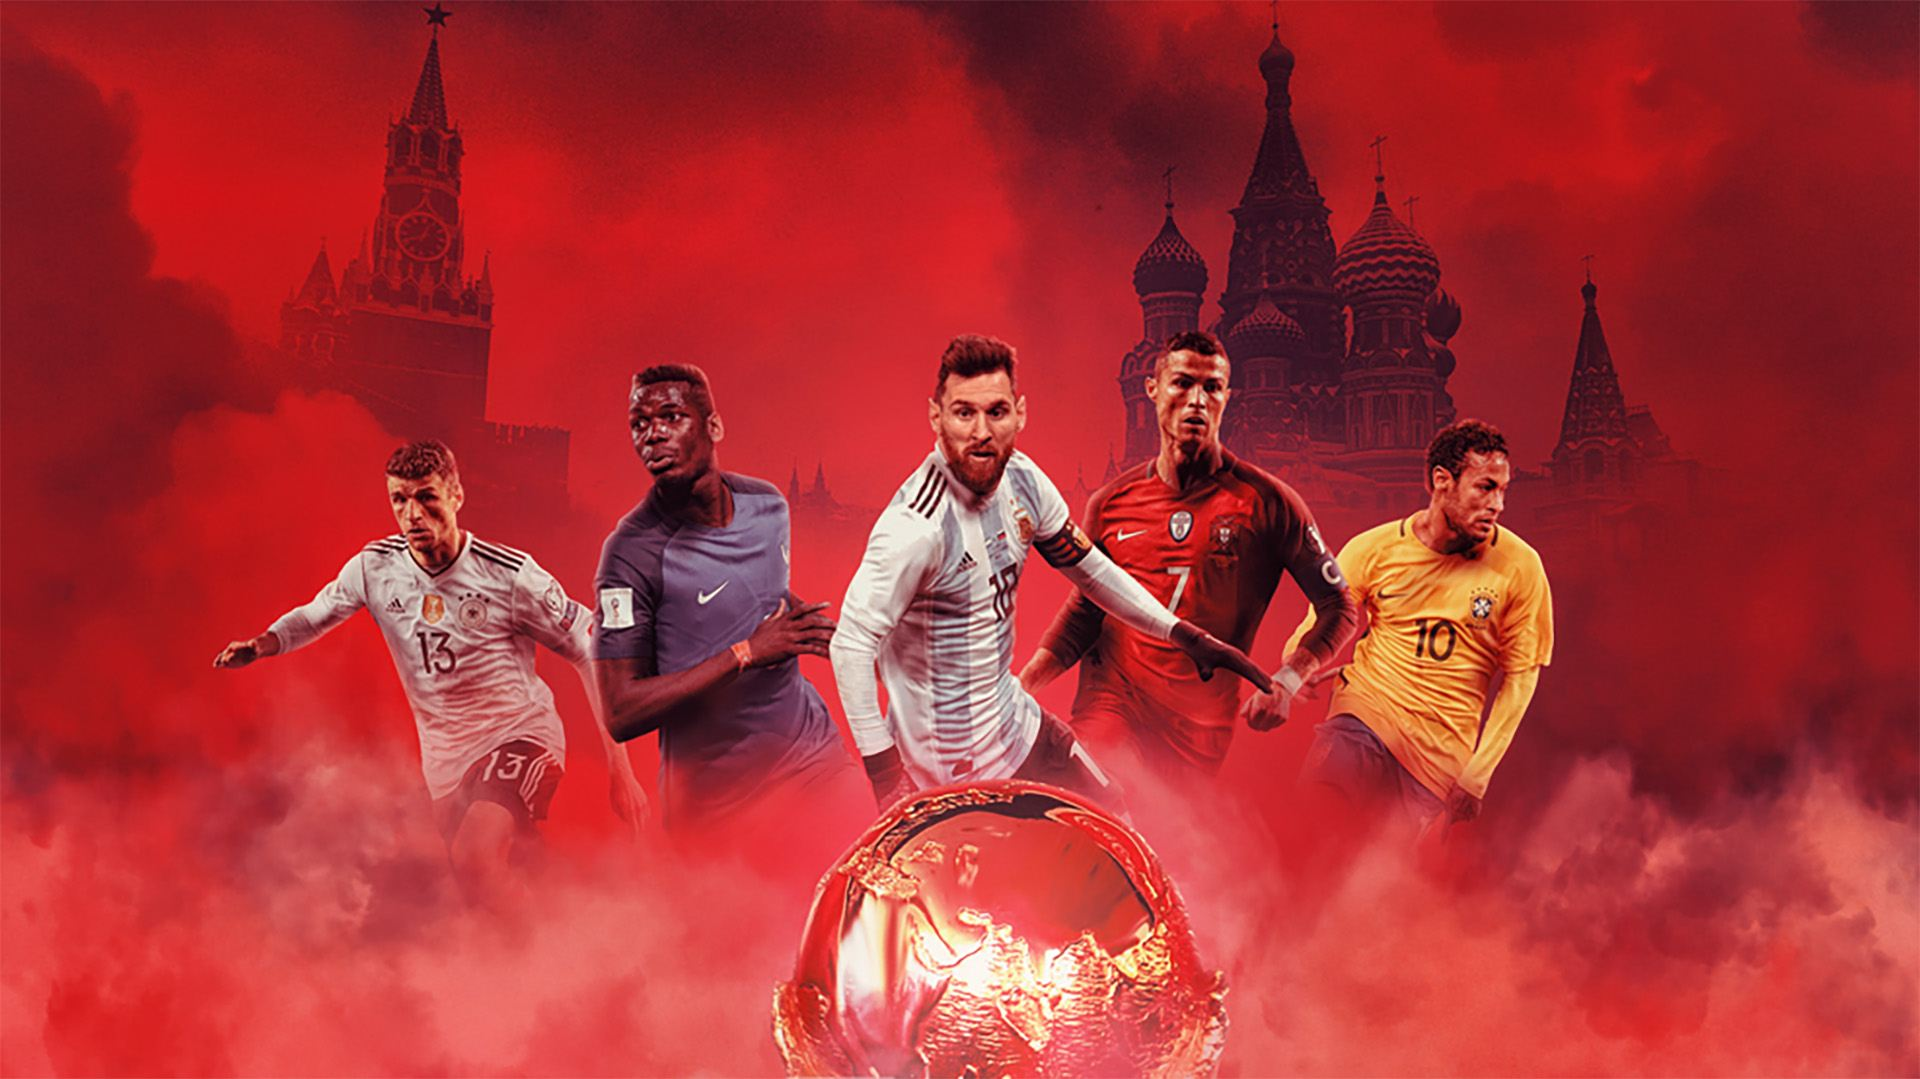 LM.GEOPOL - Worldcup en russie    Football III (2018 06 14) FR 3